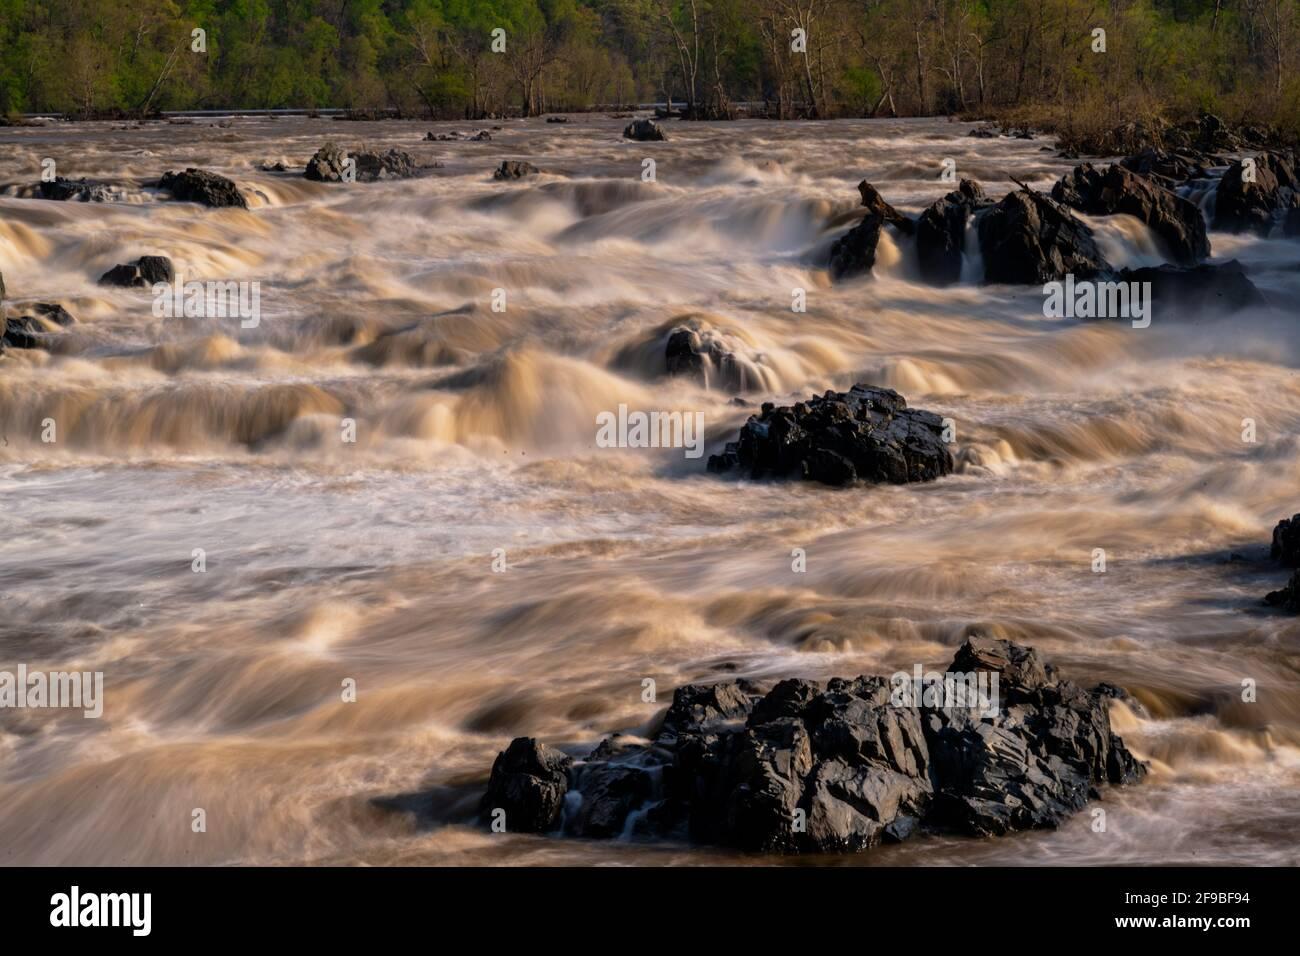 Un teleobjetivo de larga exposición de las aguas del río Potomac que se dirige hacia las Great Falls en McLean Virginia. Foto de stock